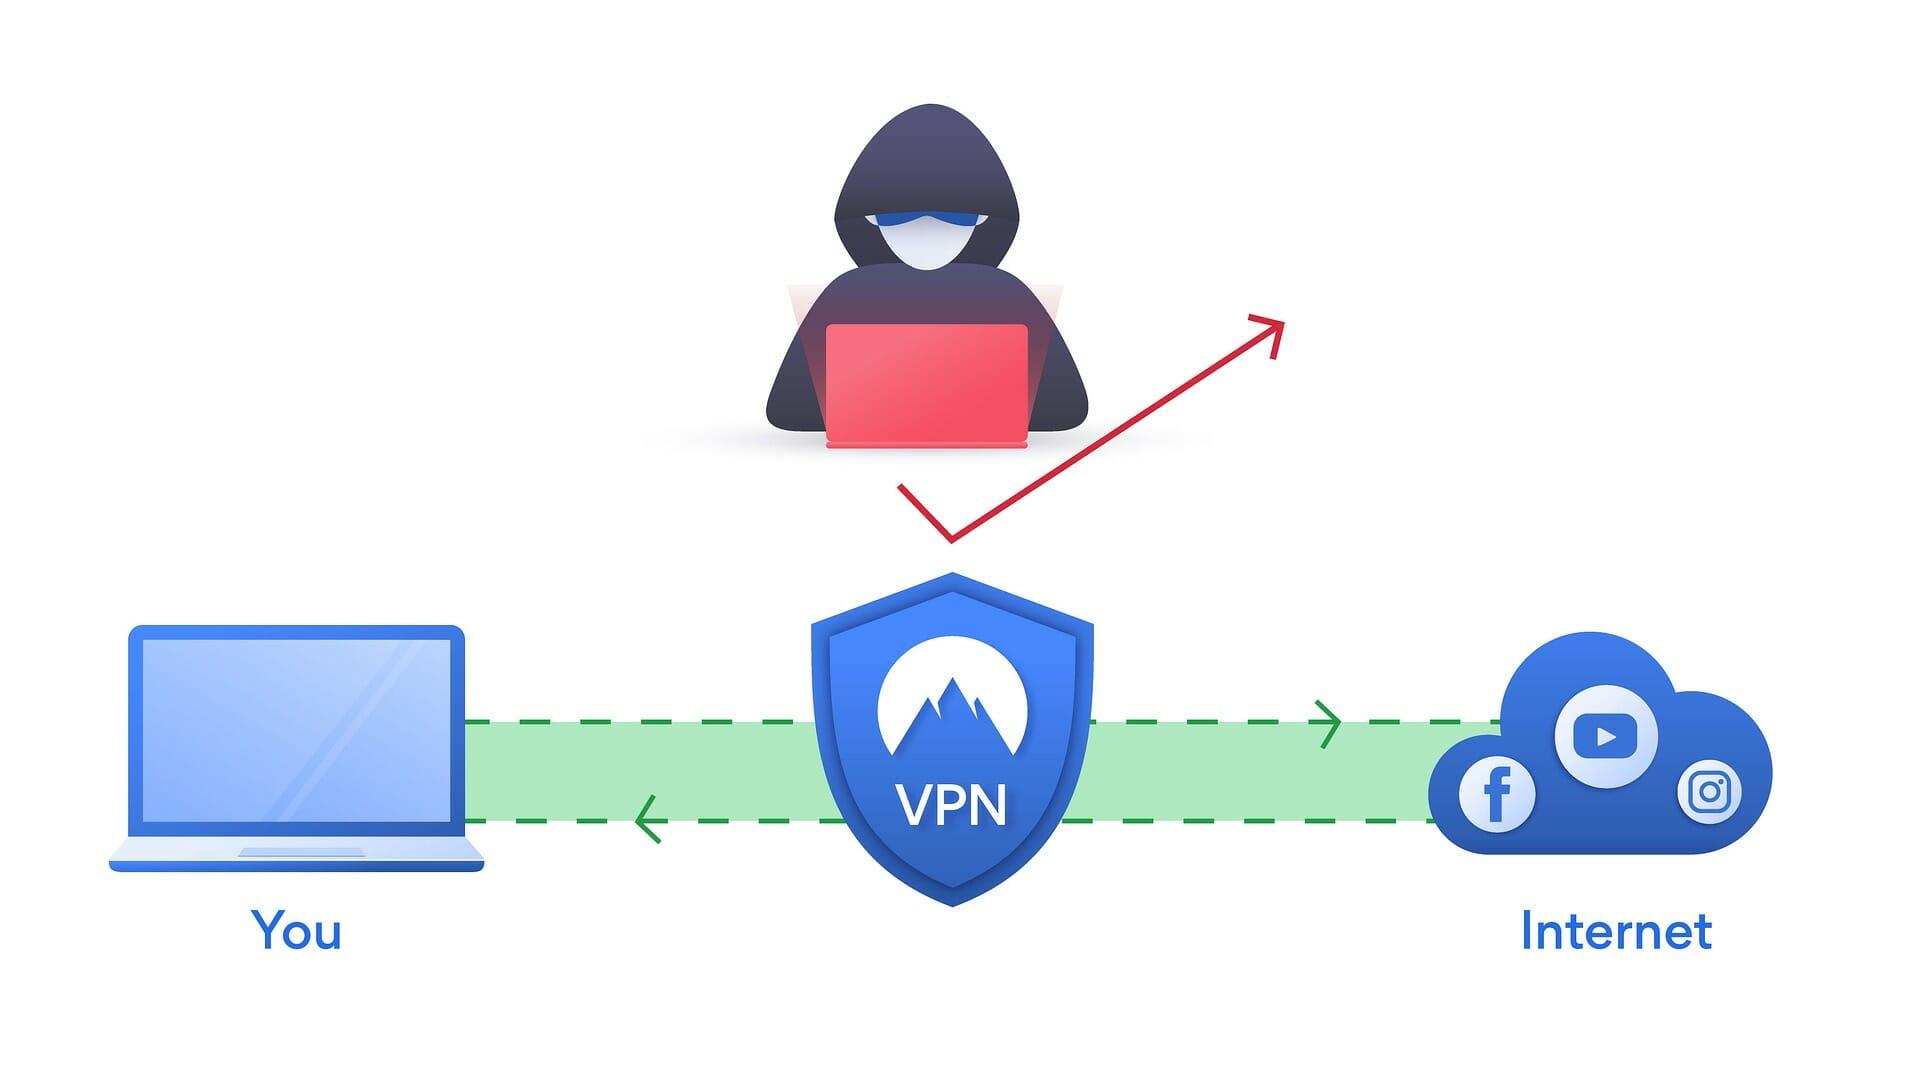 Kuinka VPN toimii?